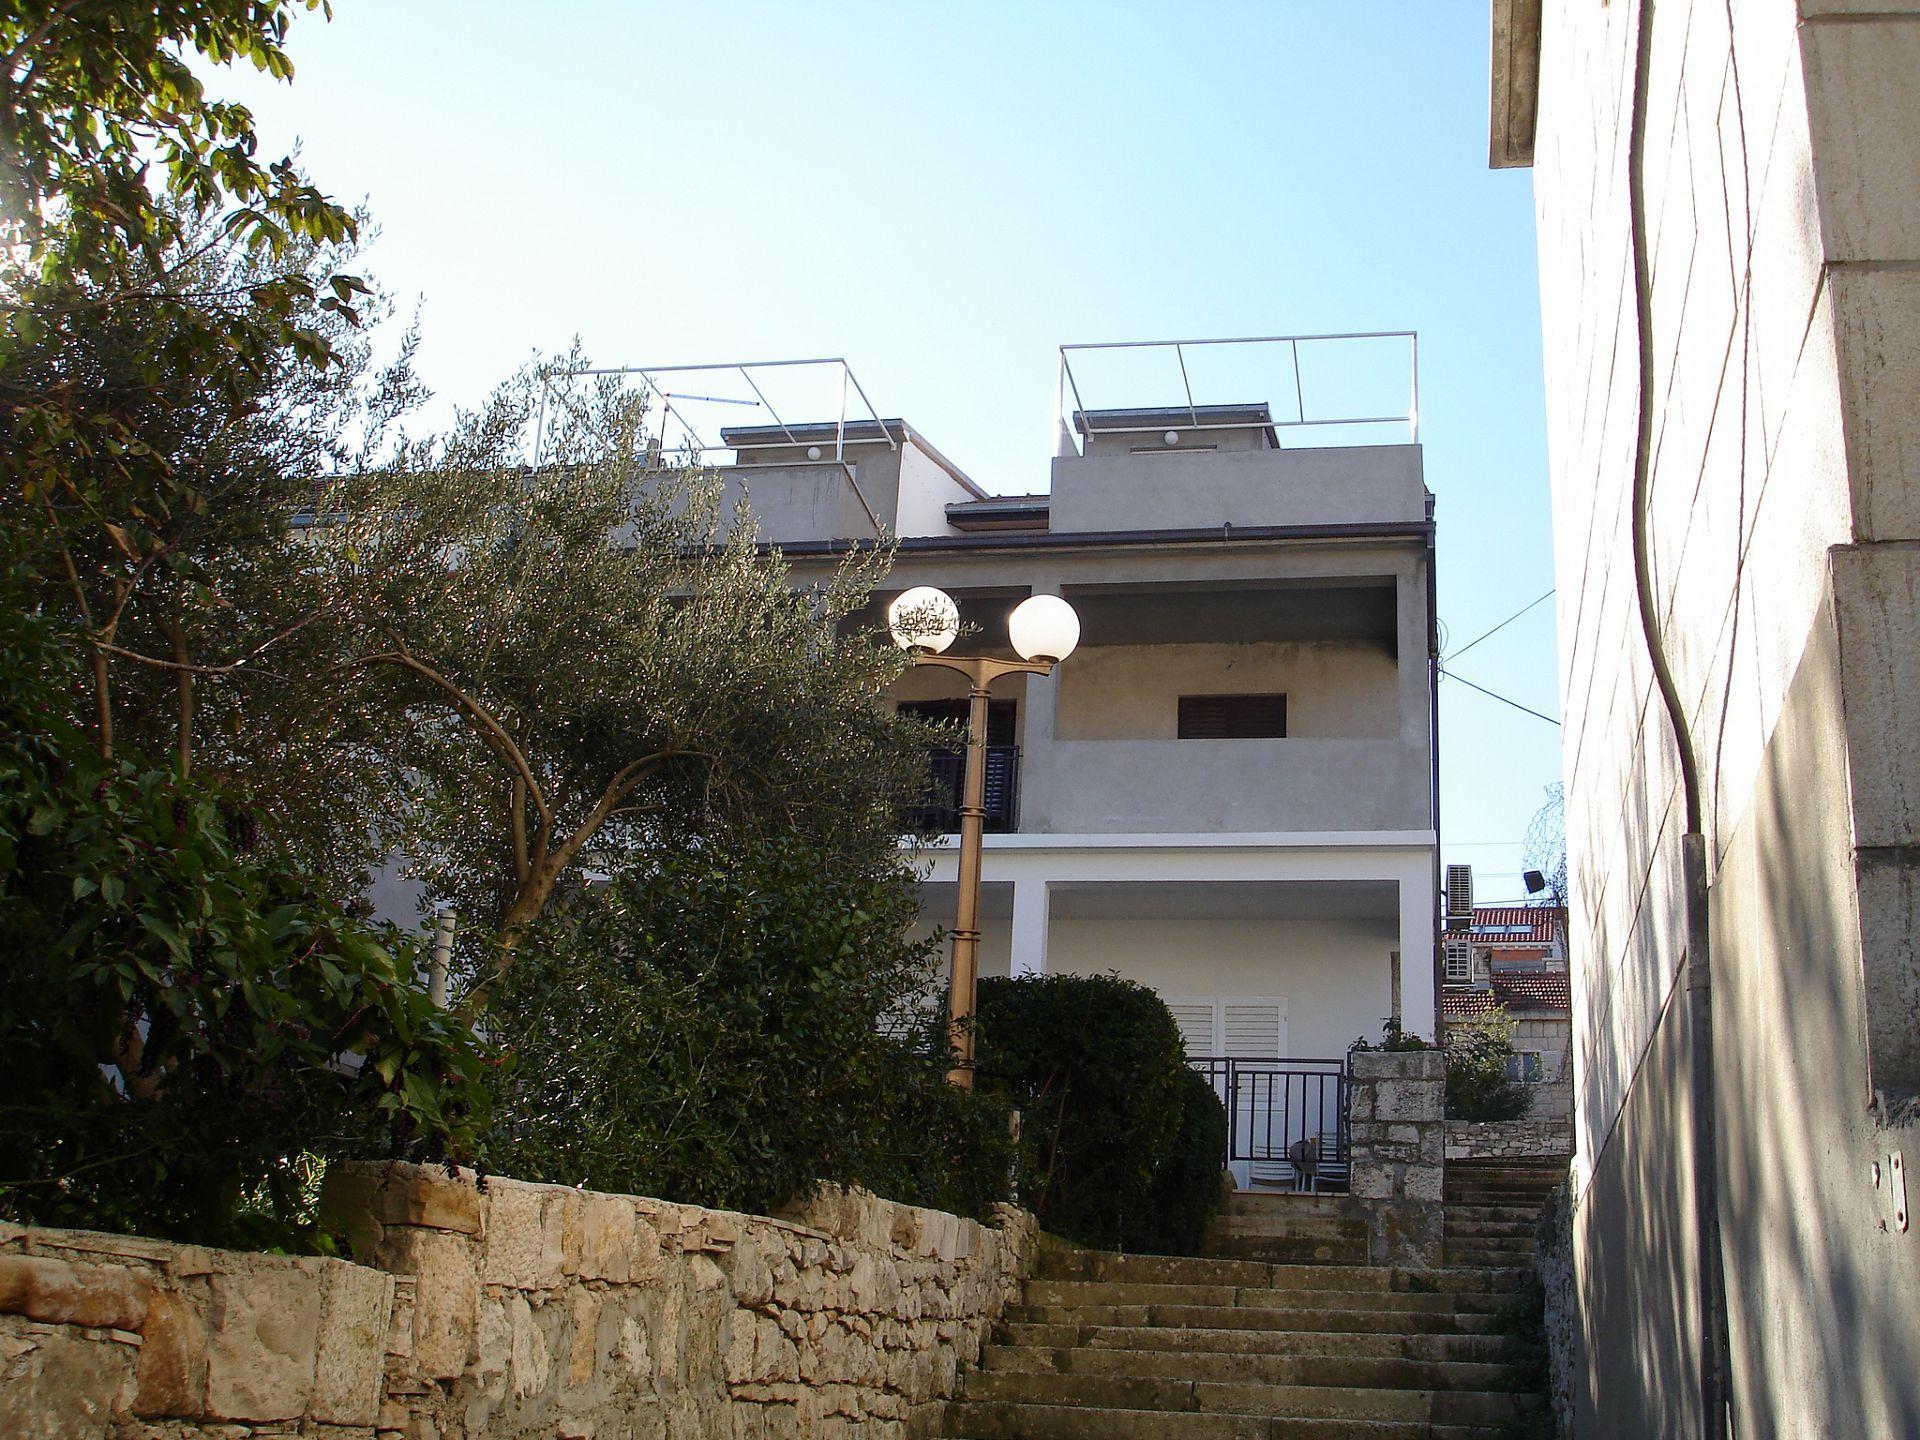 02114KORC - Korcula - Appartements Croatie